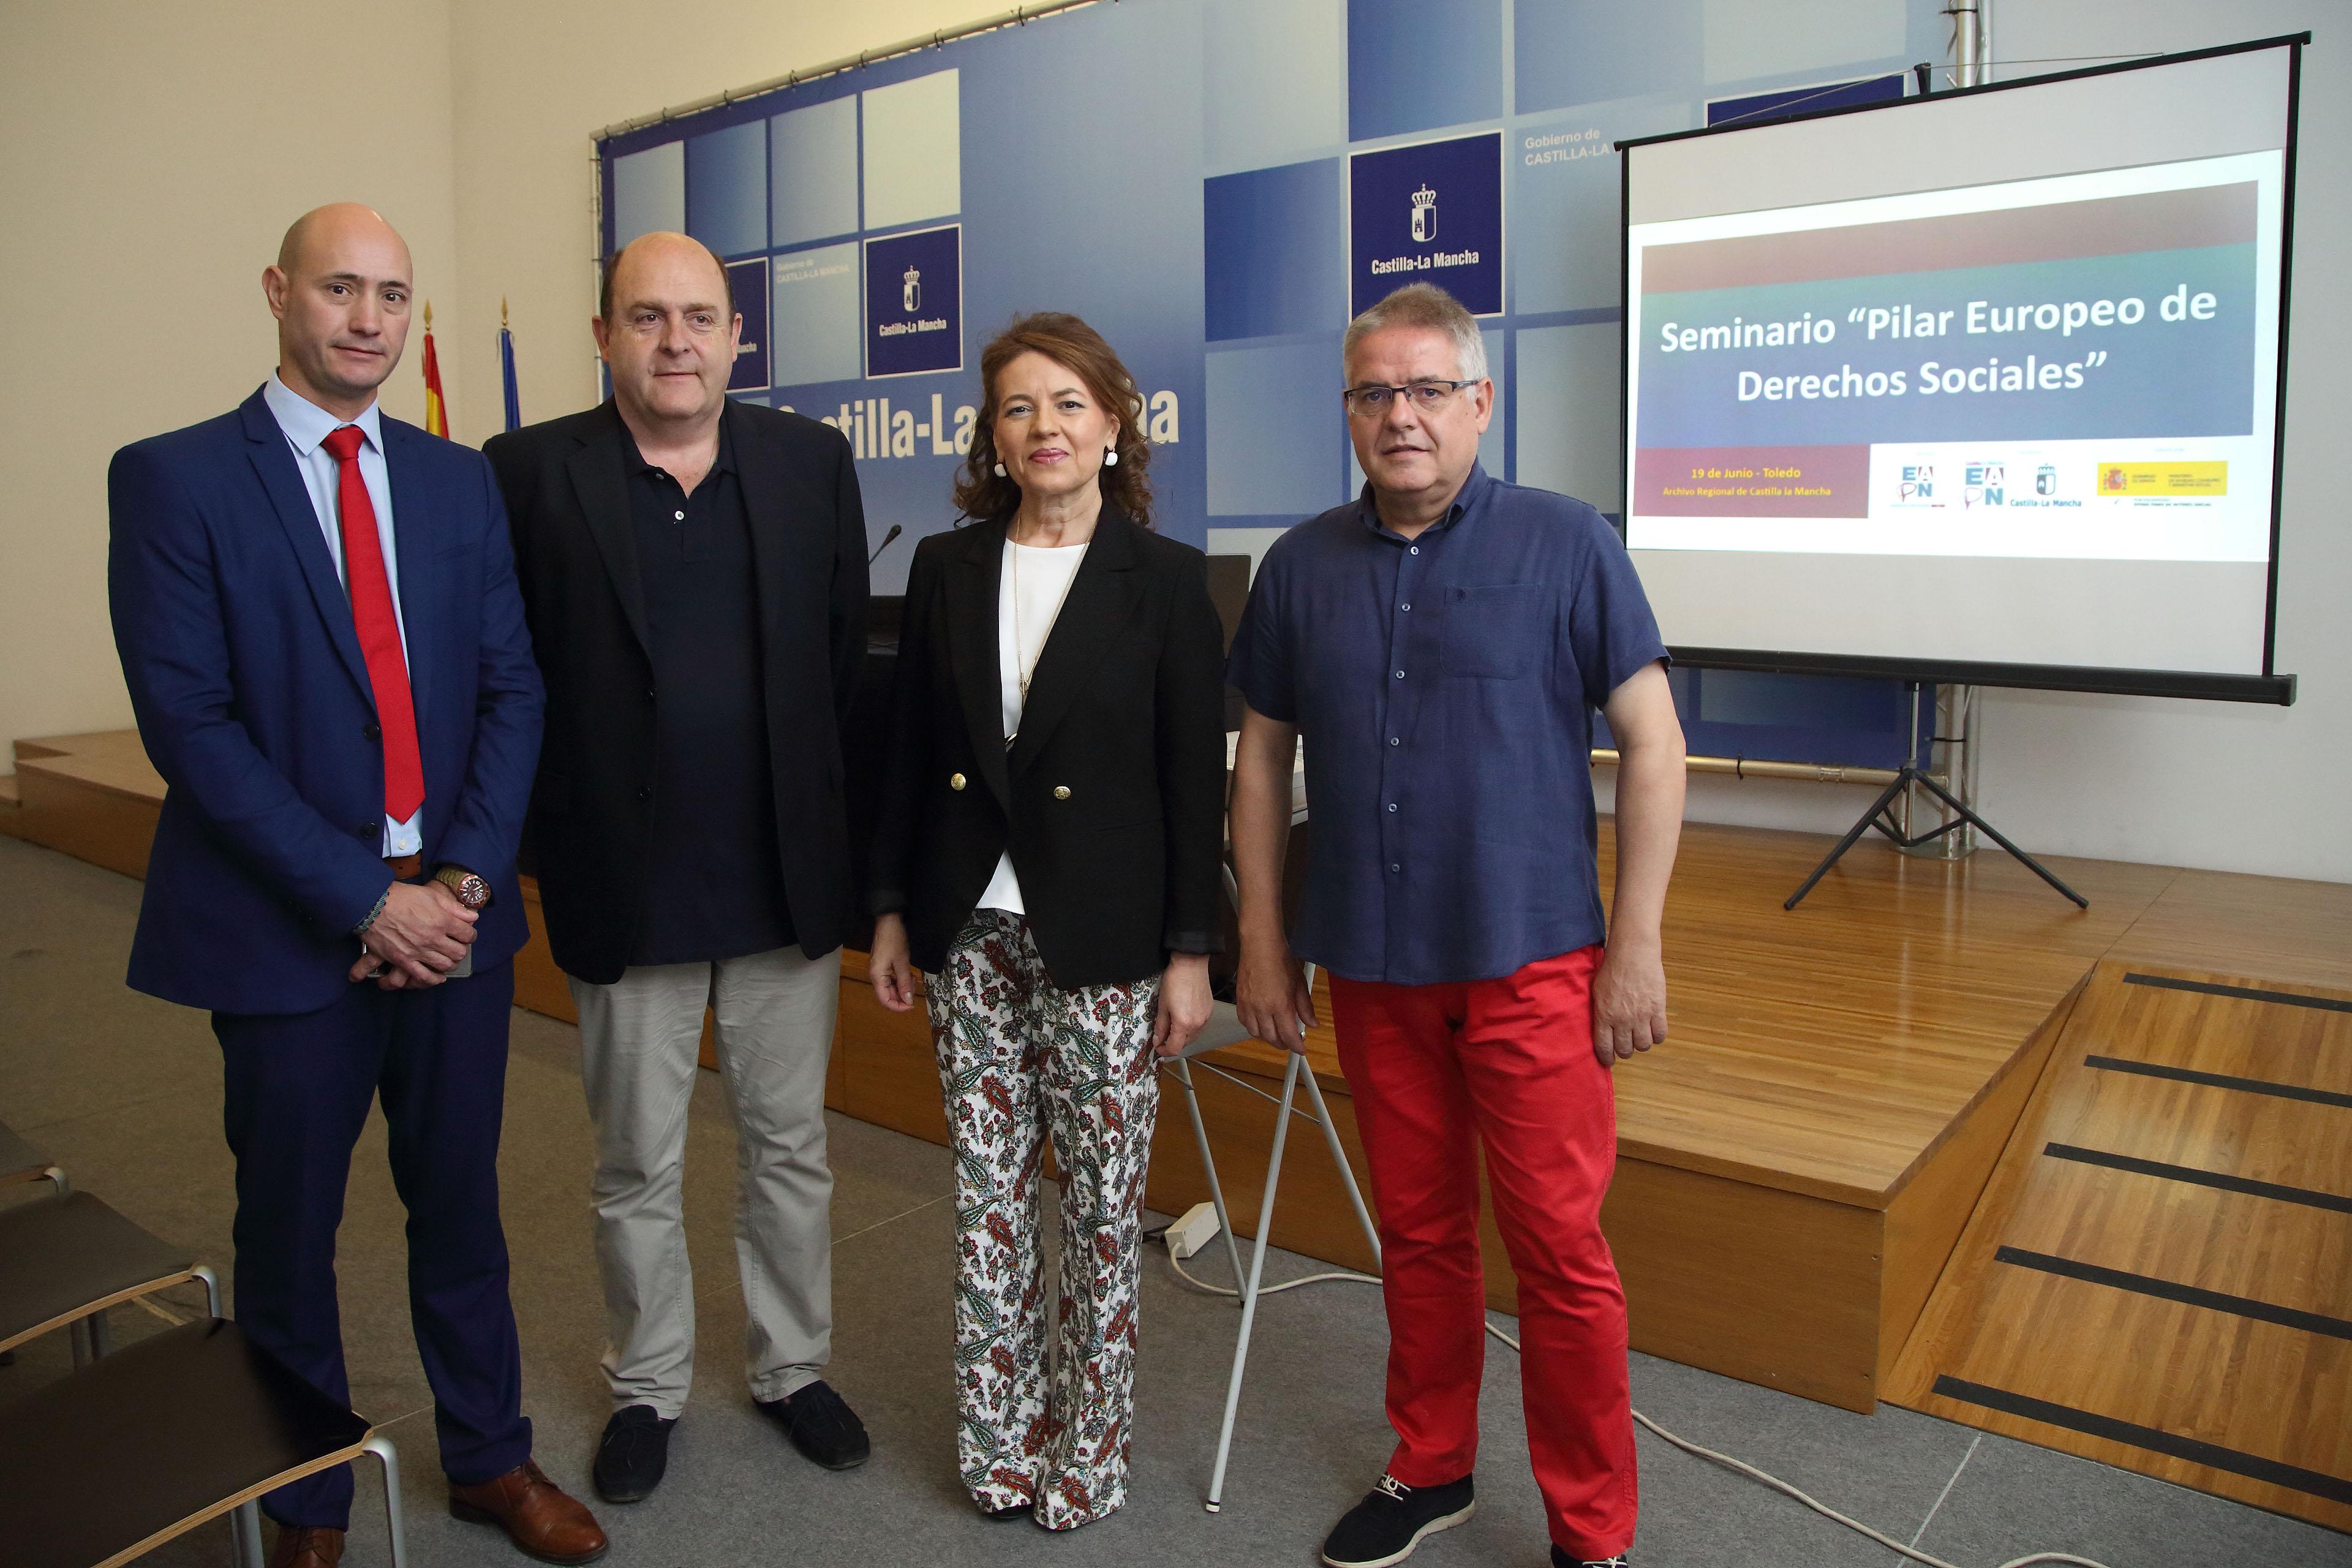 El Gobierno de Castilla-La Mancha está comprometido con el Pilar Europeo de Derechos Sociales